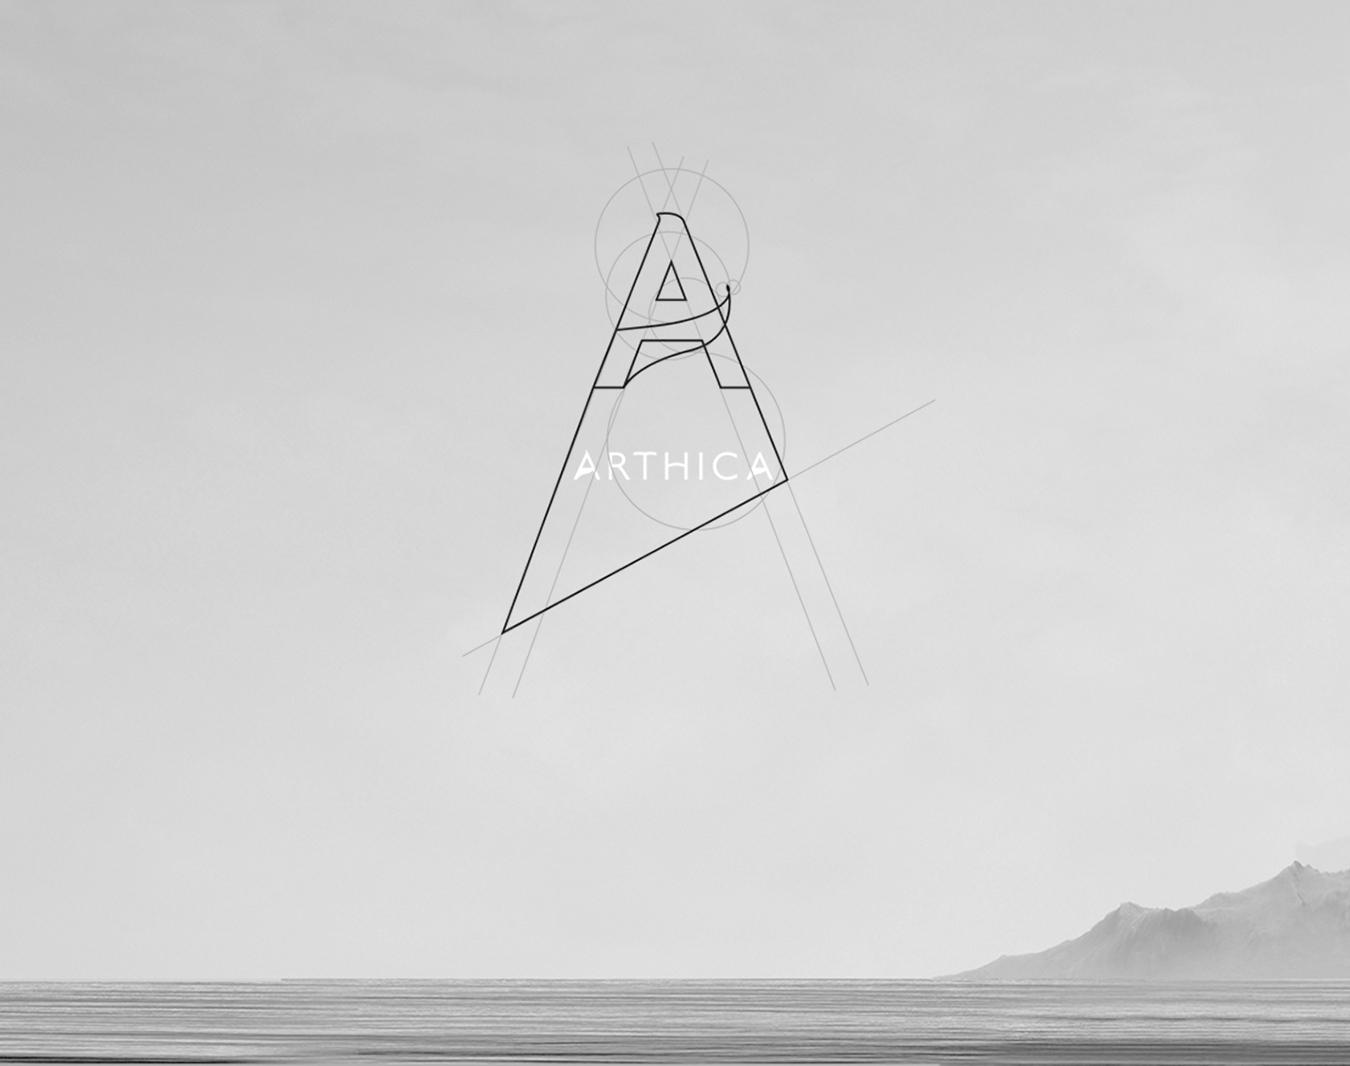 ARTHICA-LOGO-SEGUROS-1